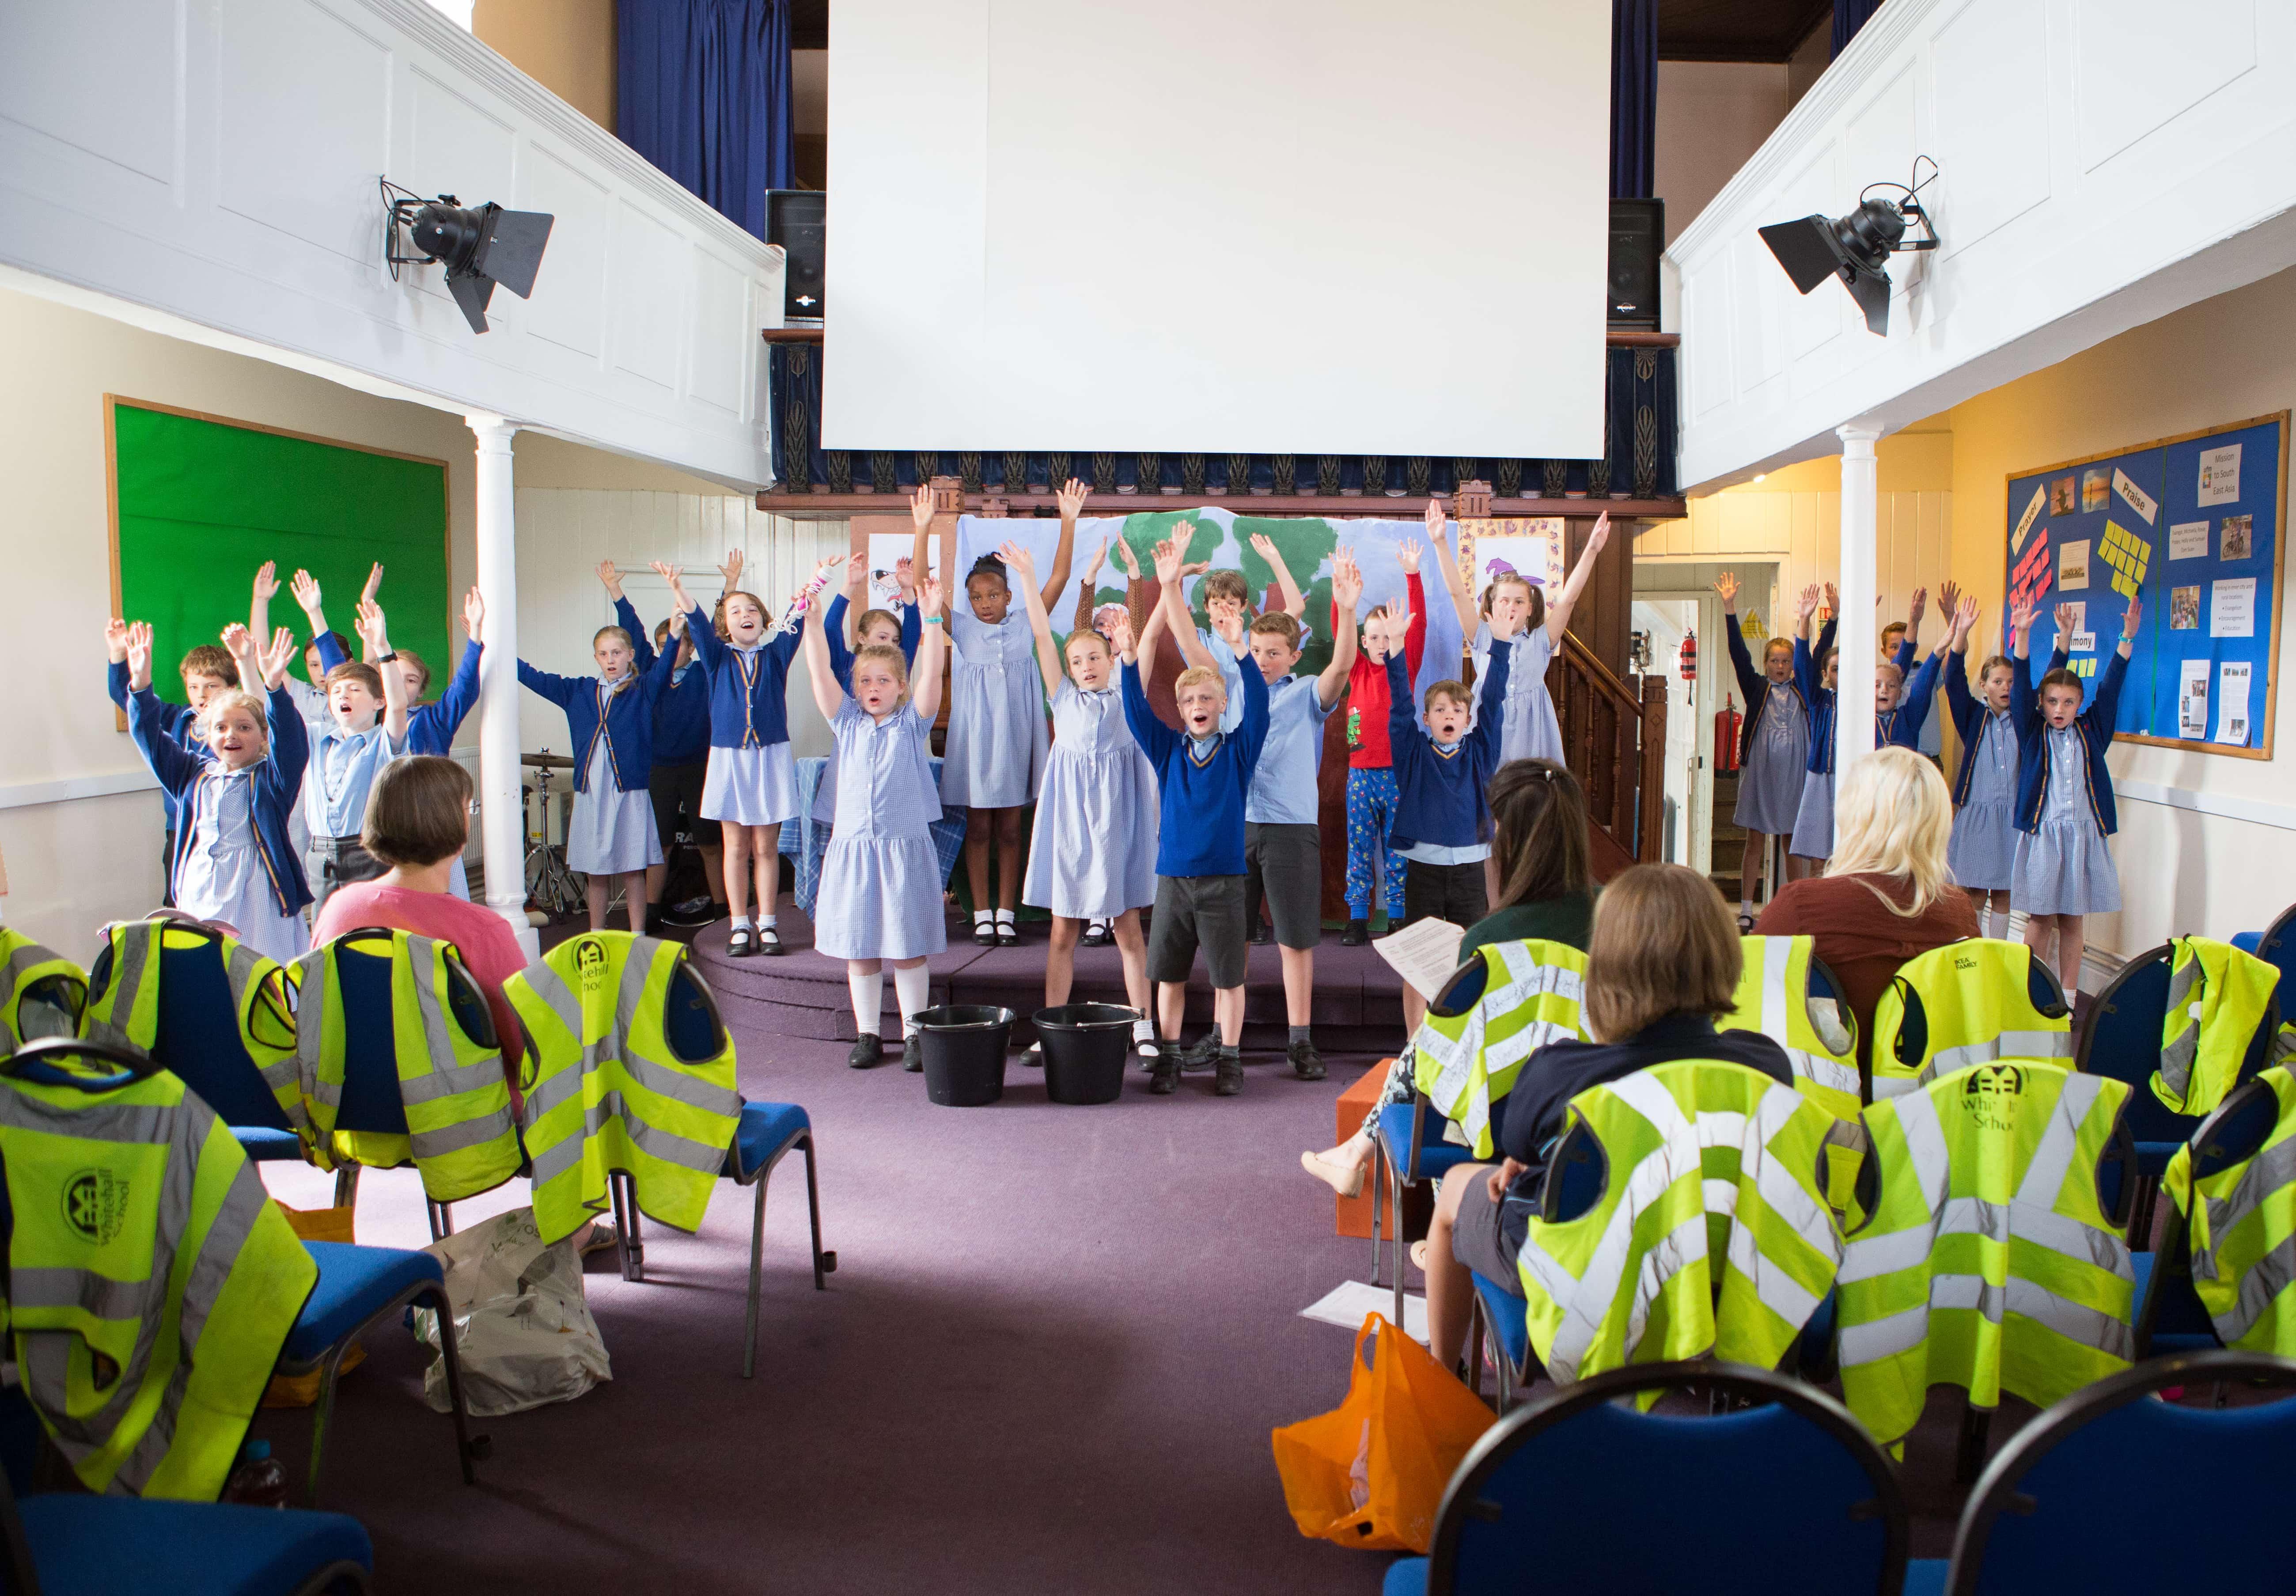 whitehall-private-day-school-cambridge